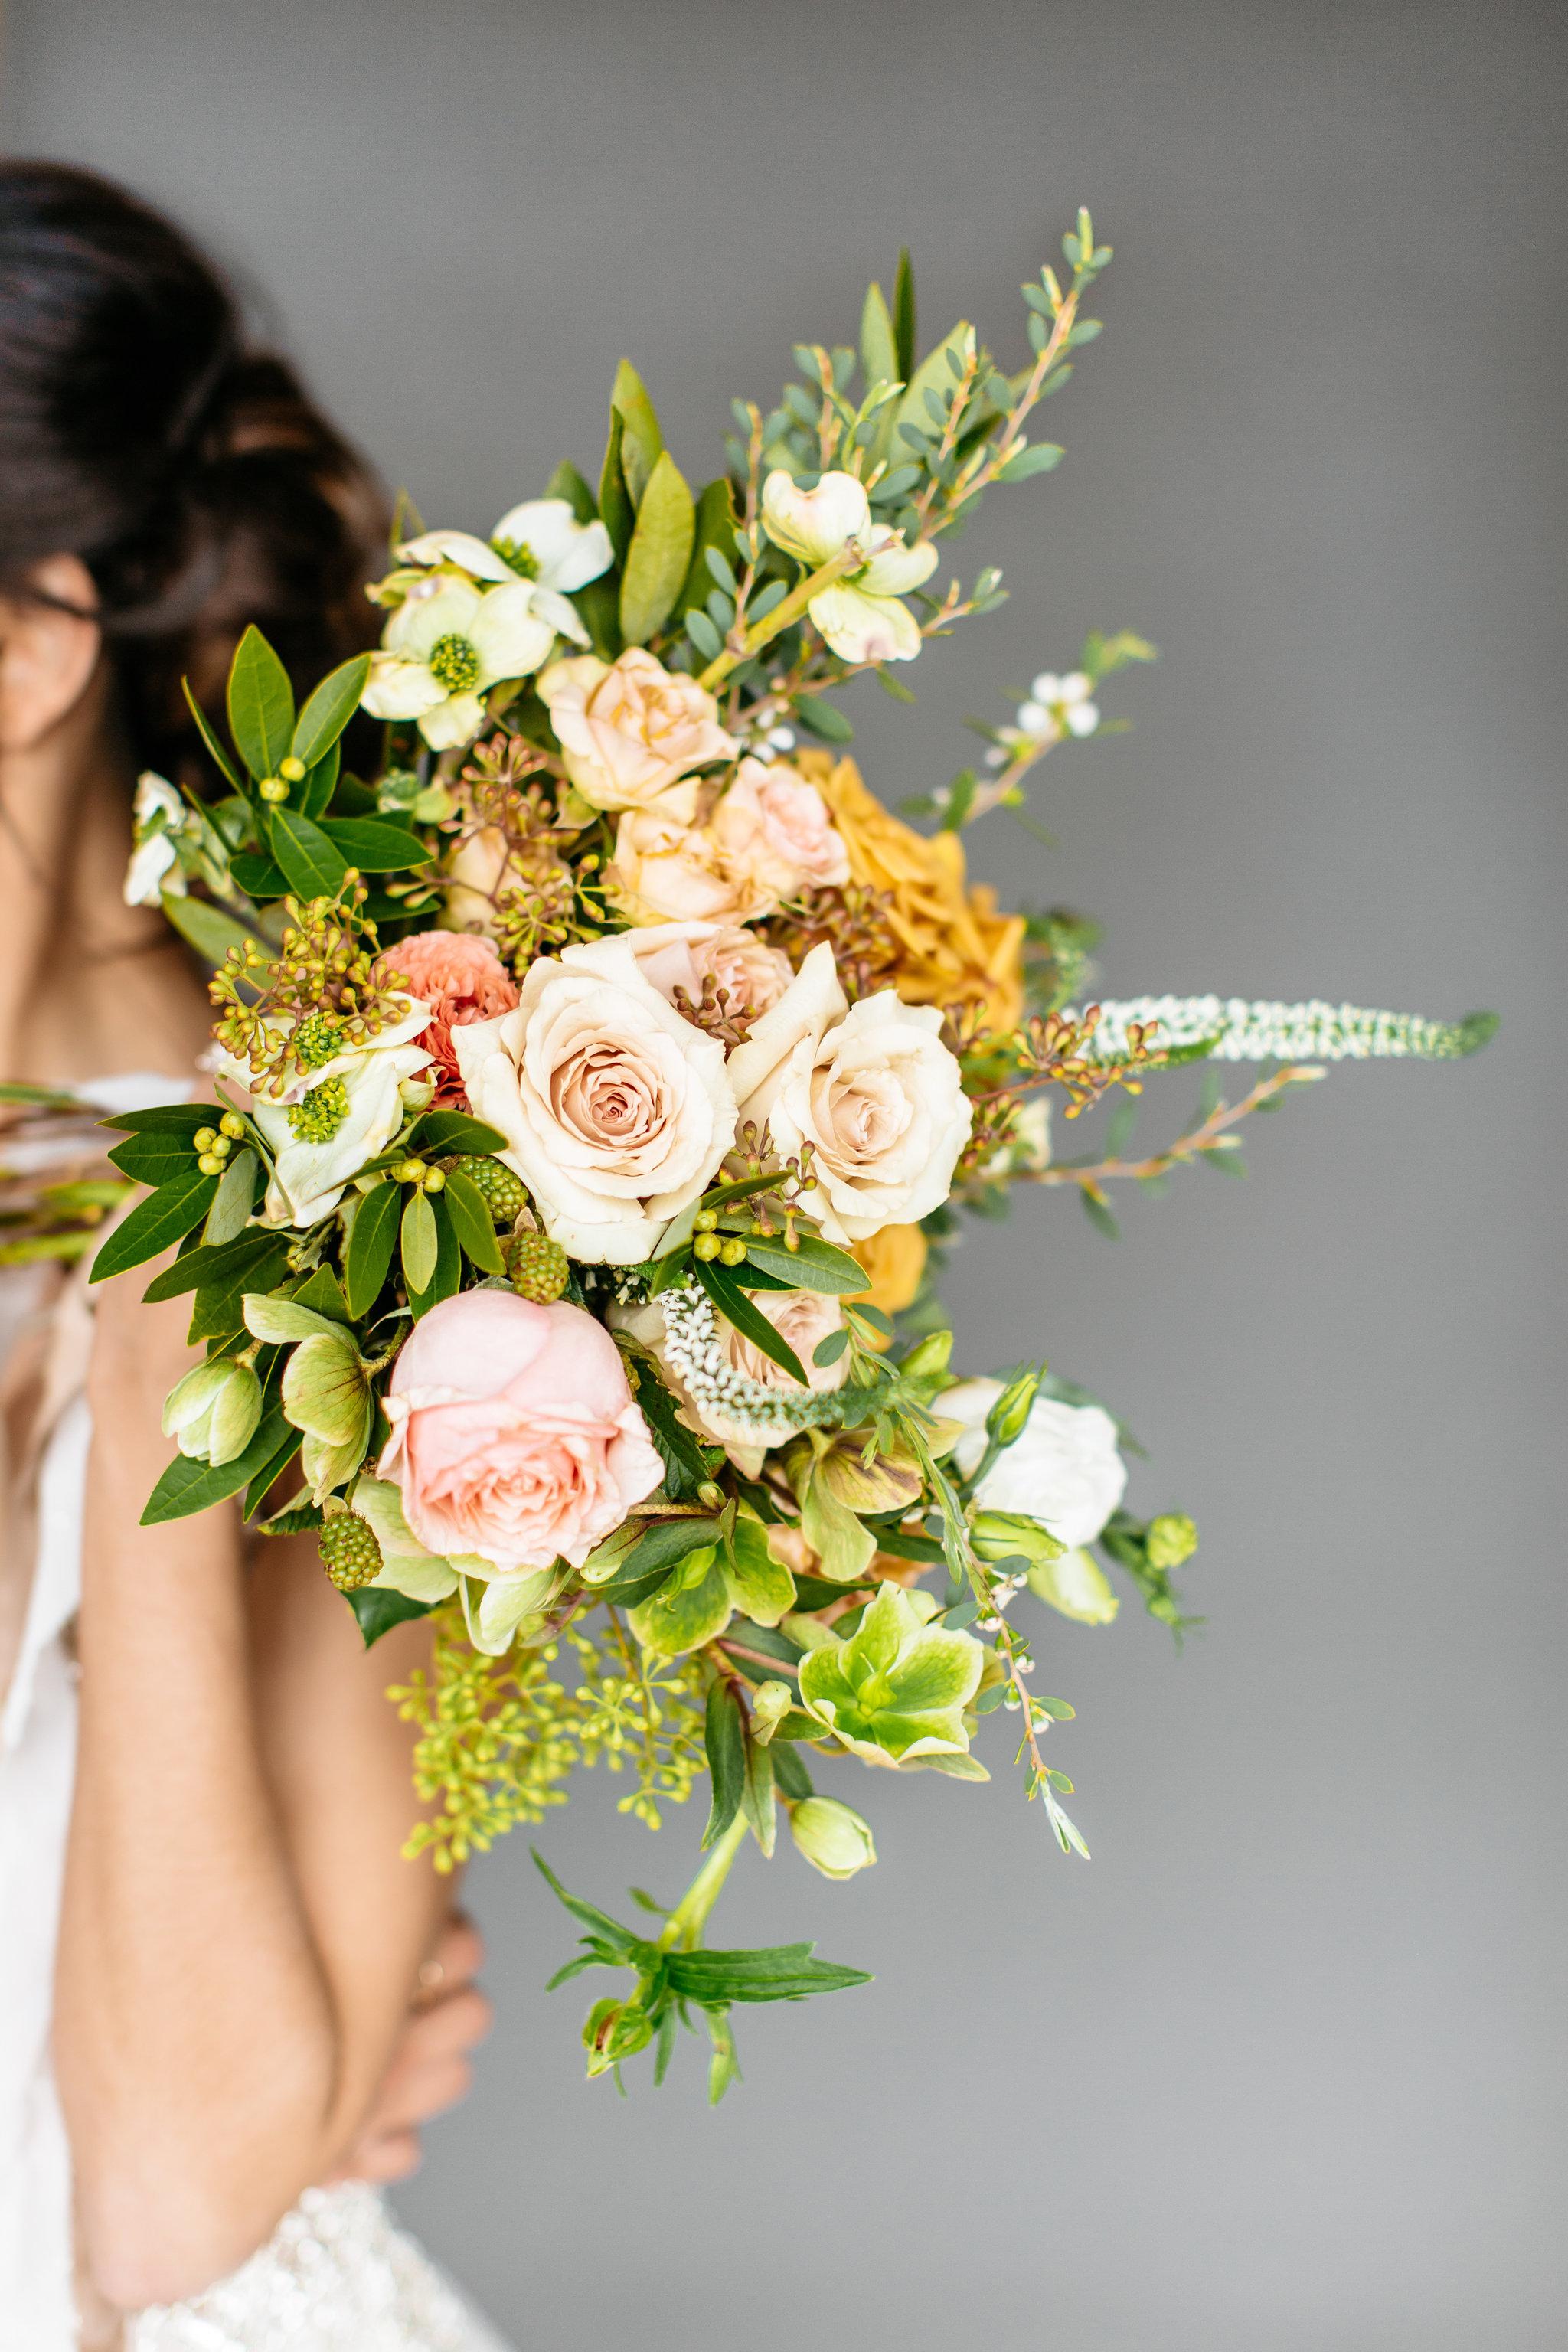 Alexa-Vossler-Photo_Dallas-Wedding-Photographer_Photoshoot-at-the-Station-McKinney_Empower-Event-21.jpg